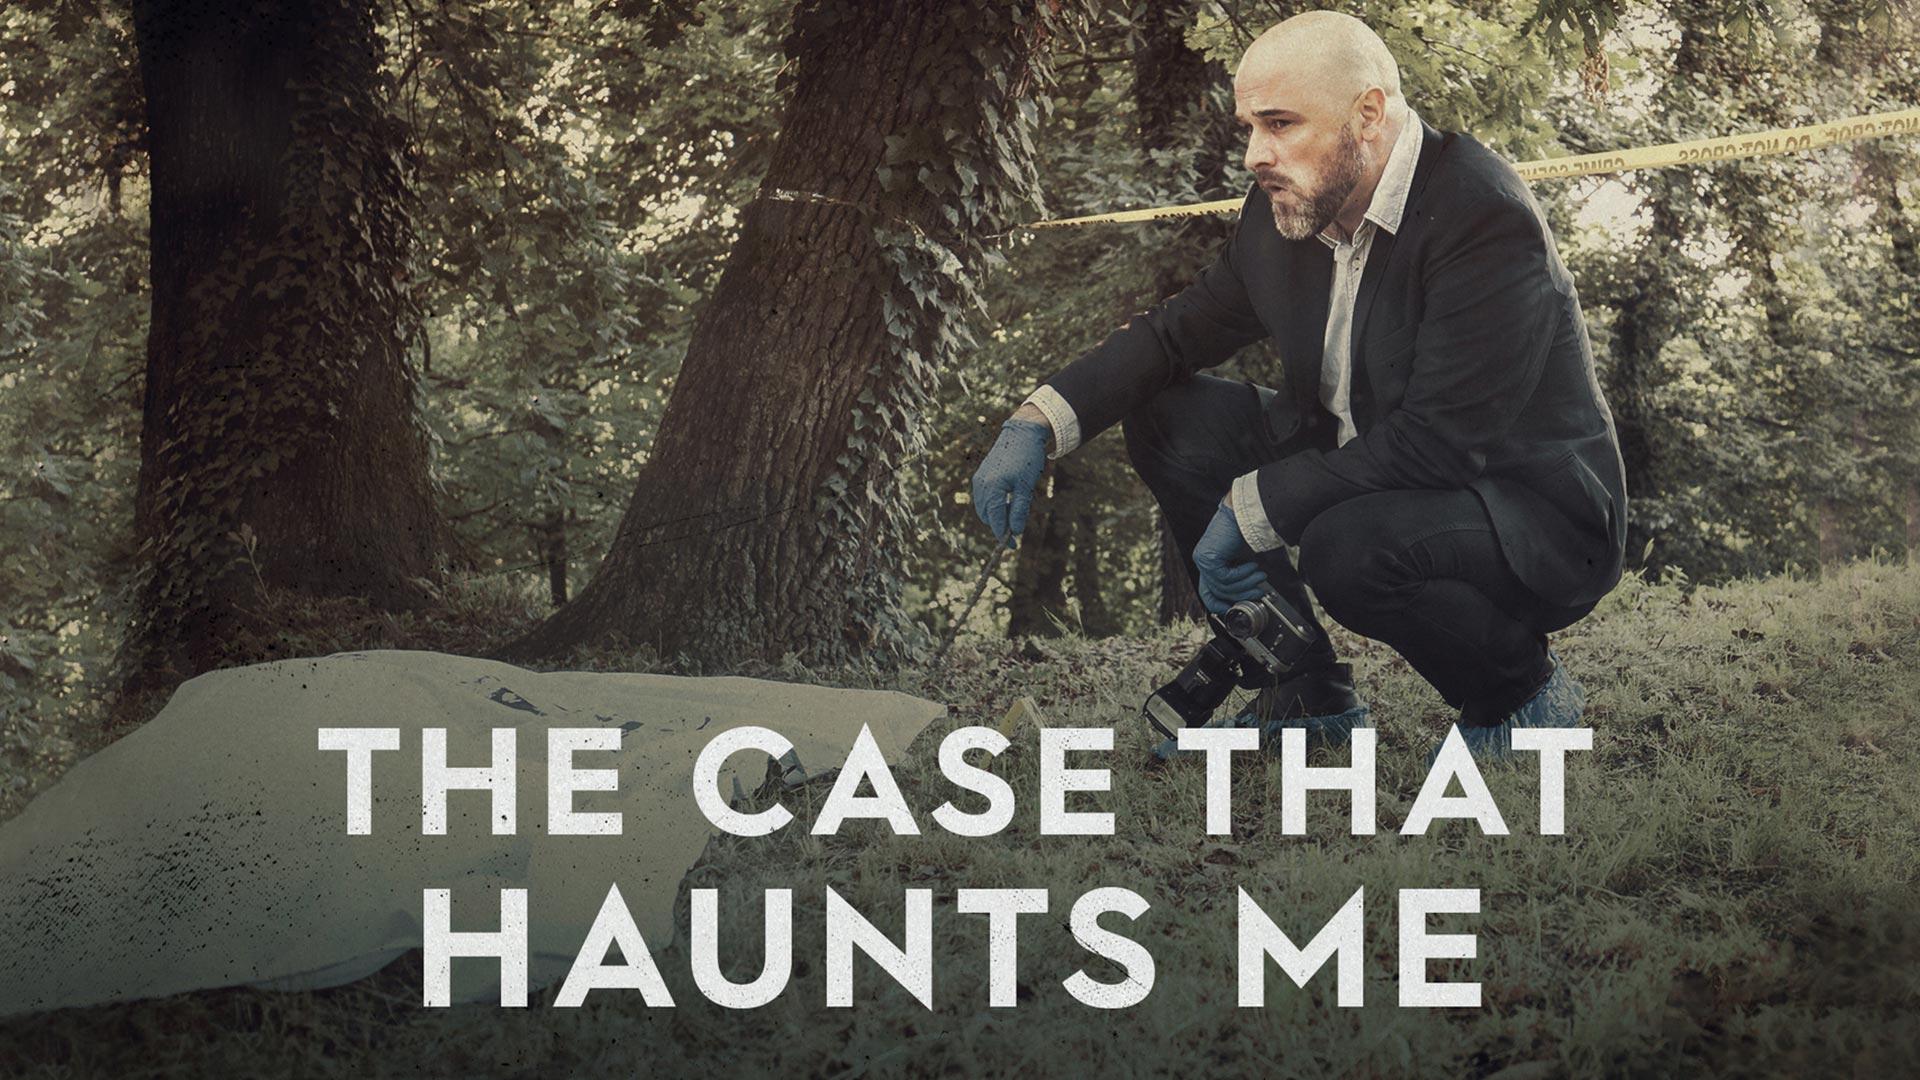 The Case That Haunts Me - Season 1